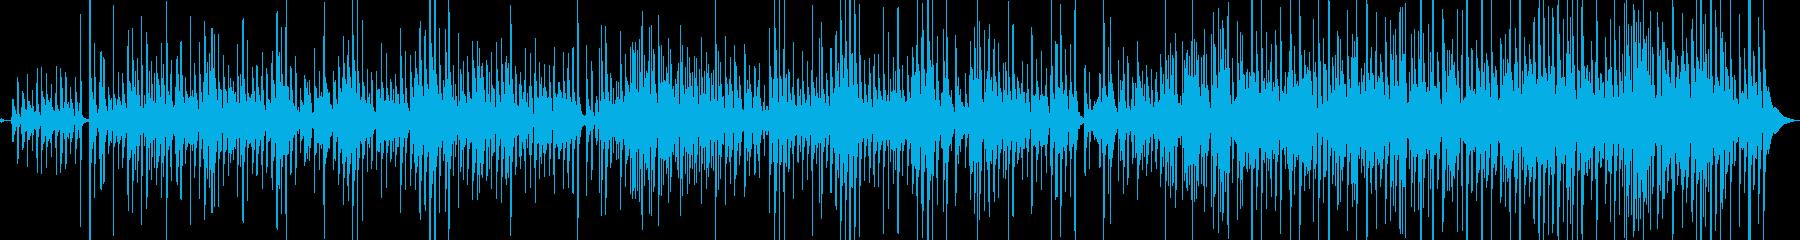 ウクレレとギターの爽やかな海に合う曲の再生済みの波形